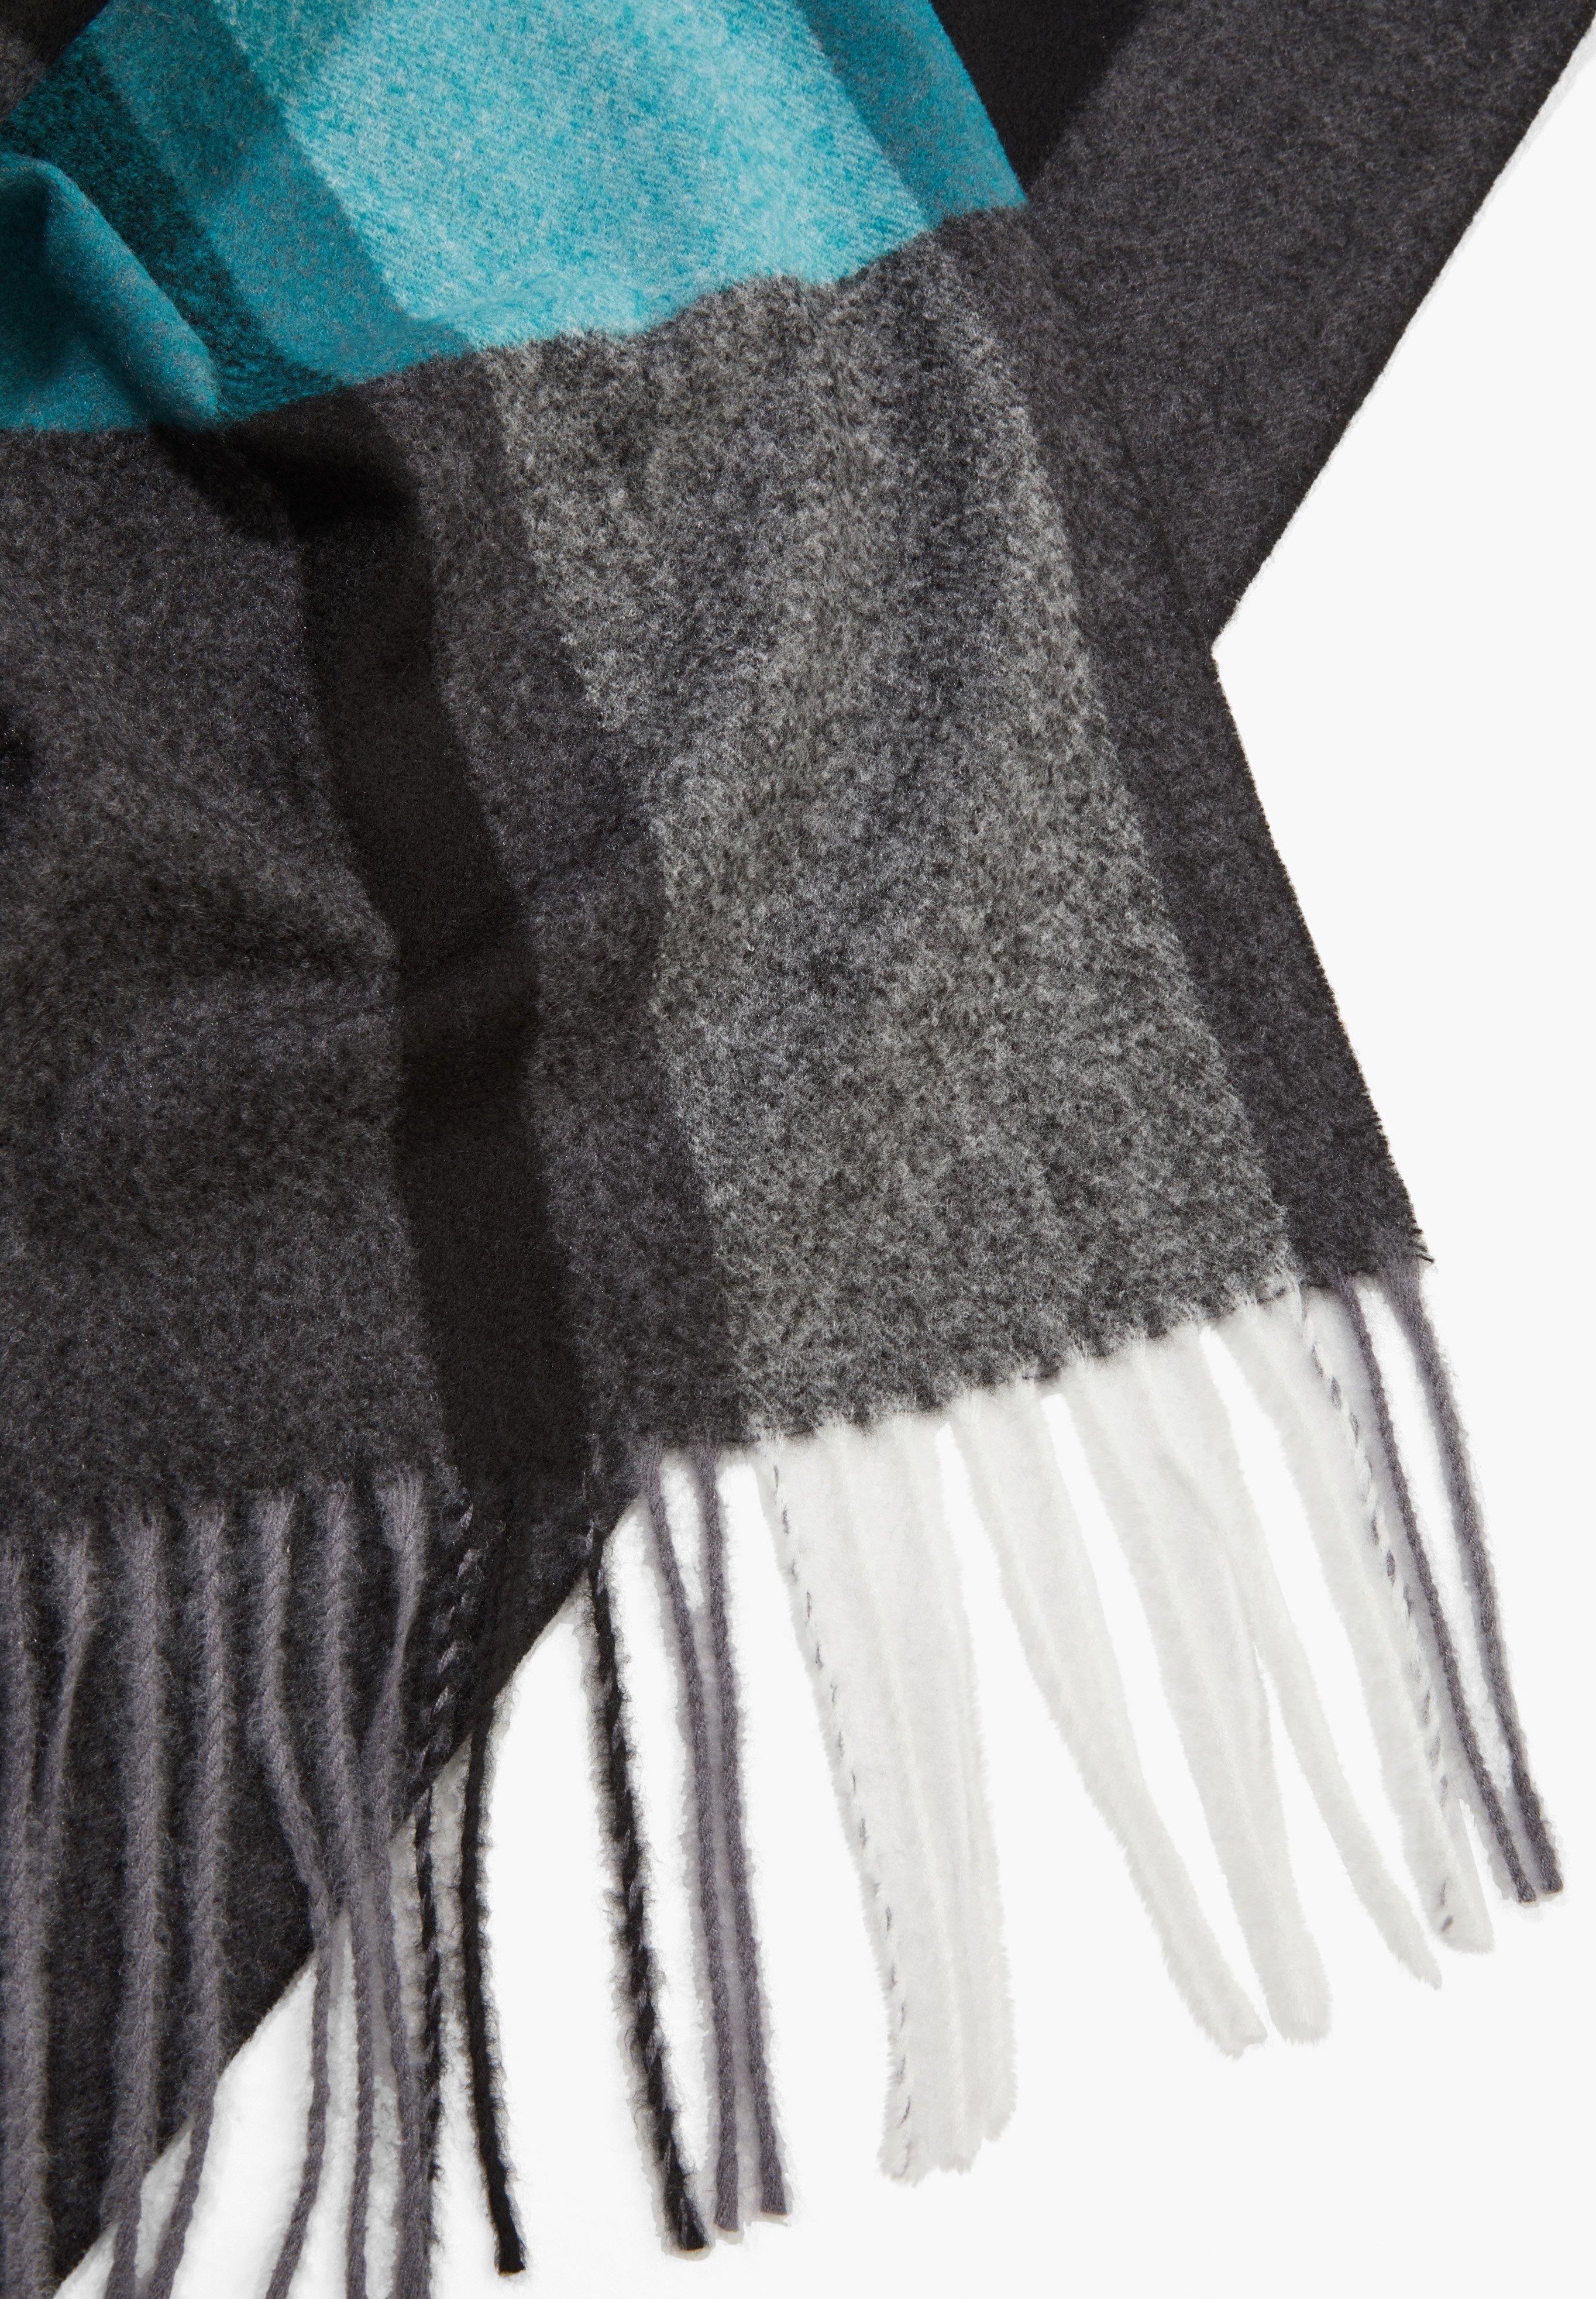 S.oliver Black Label Karo-mit Fransen - Schal Dark Grey Stripes/anthrazit